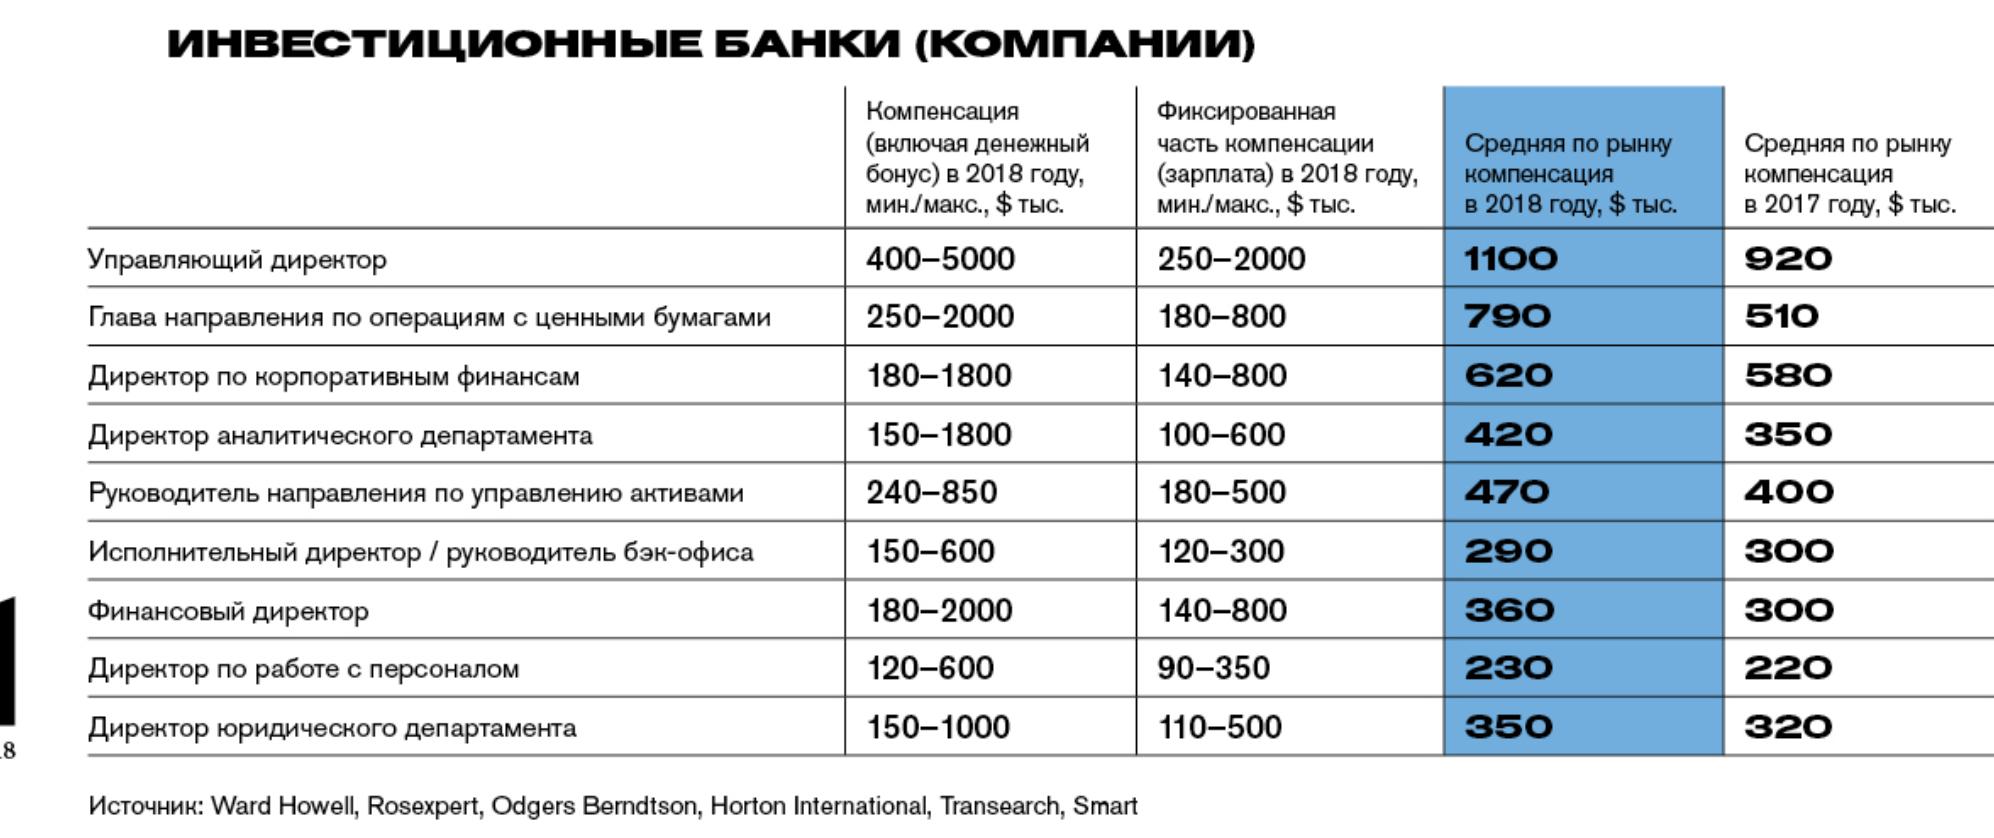 Купить больничный лист за 500 рублей Москва Тропарёво-Никулино